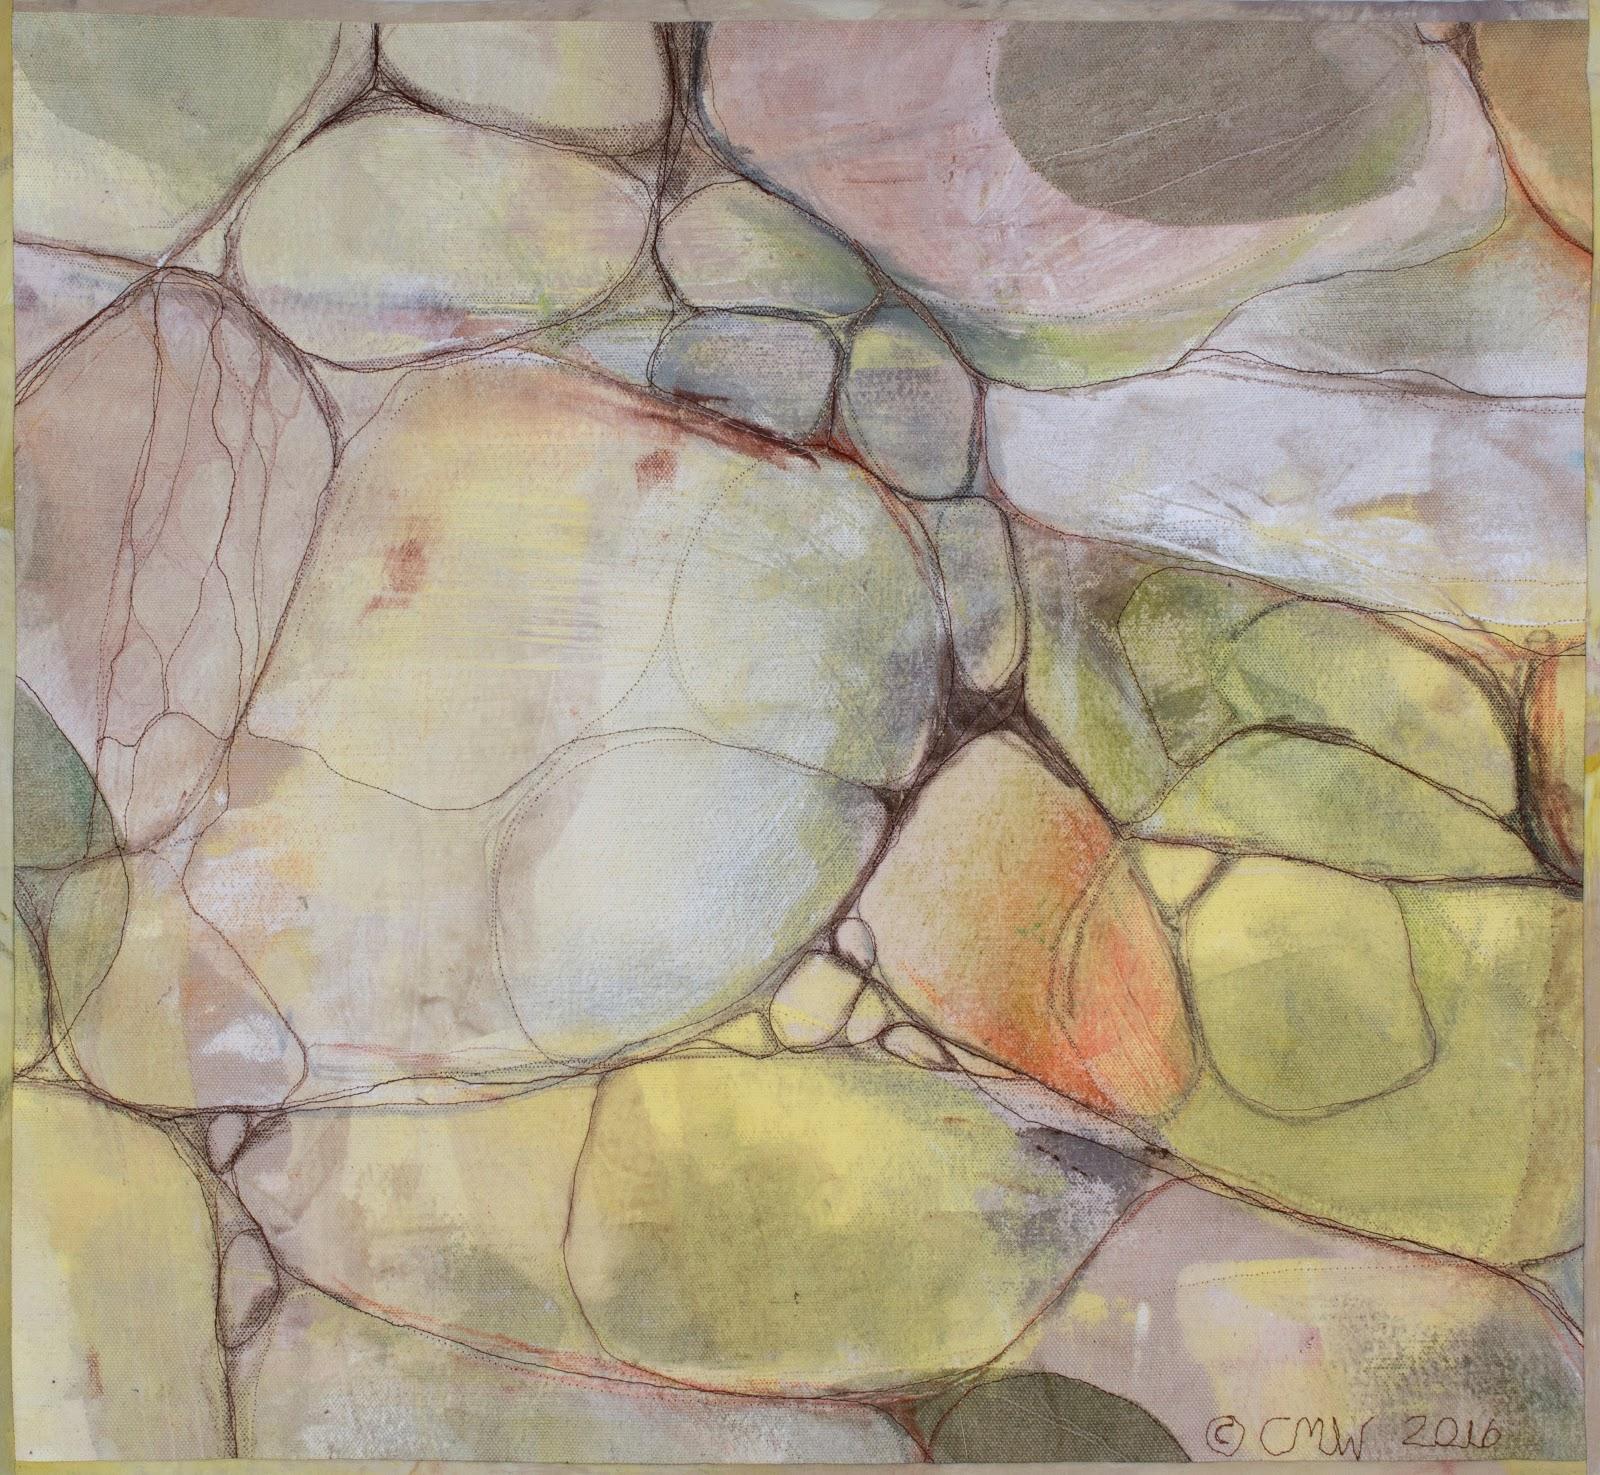 Rocks #2